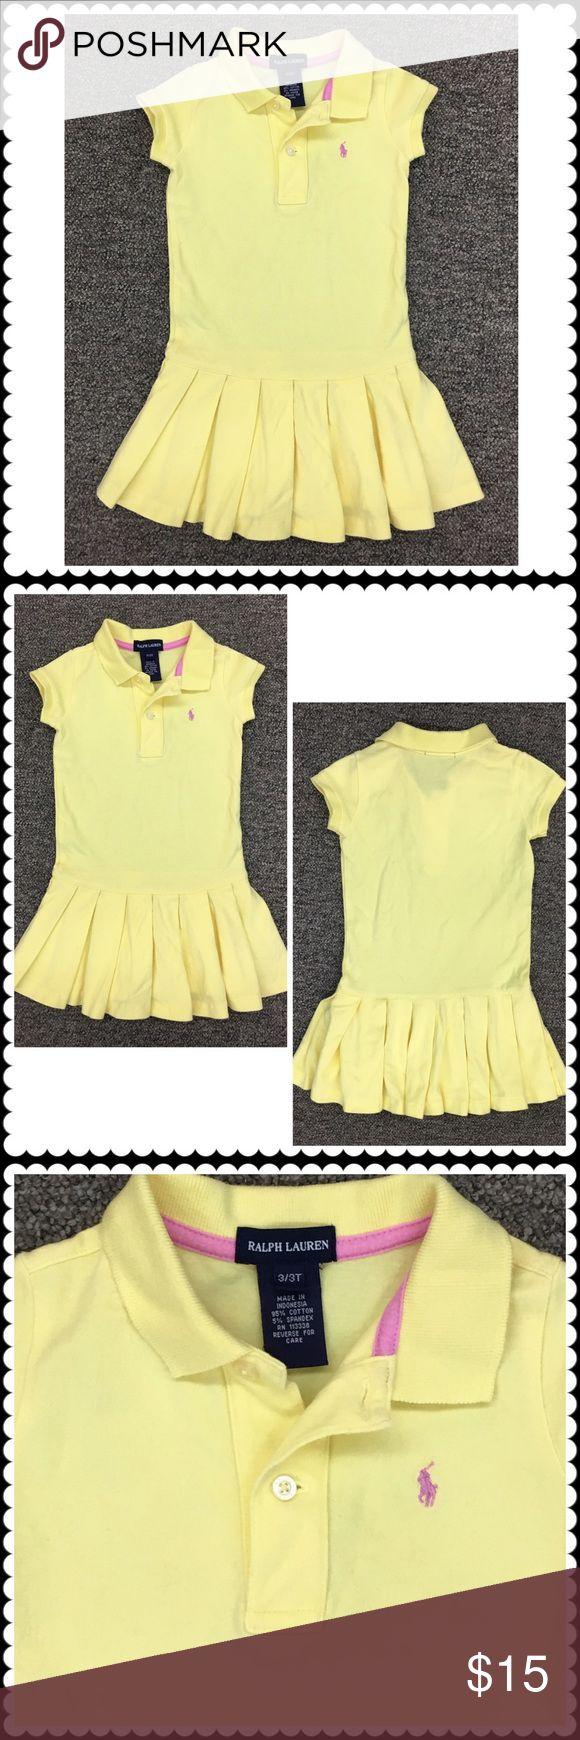 Girls Yellow Polo Shirt Dress RALPH LAUREN Sz 3/3T Cute toddler girls shirt dress by RALPH LAUREN. Bright yellow. Pink pony logo. Sz 3/3T (Cotton Blend) Ralph Lauren Dresses Casual